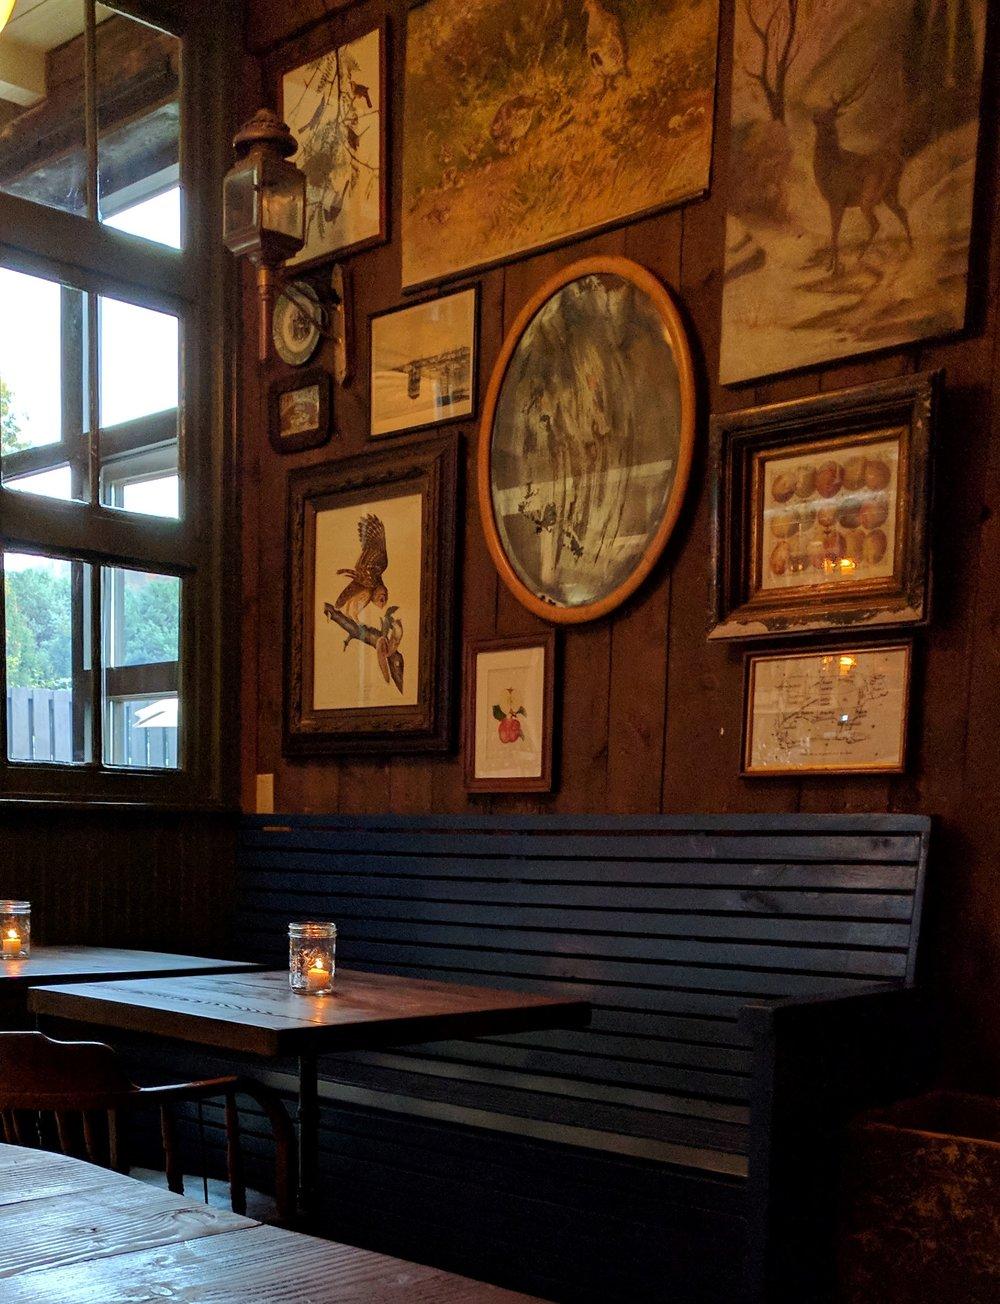 Inside Wayside Cider's Taproom